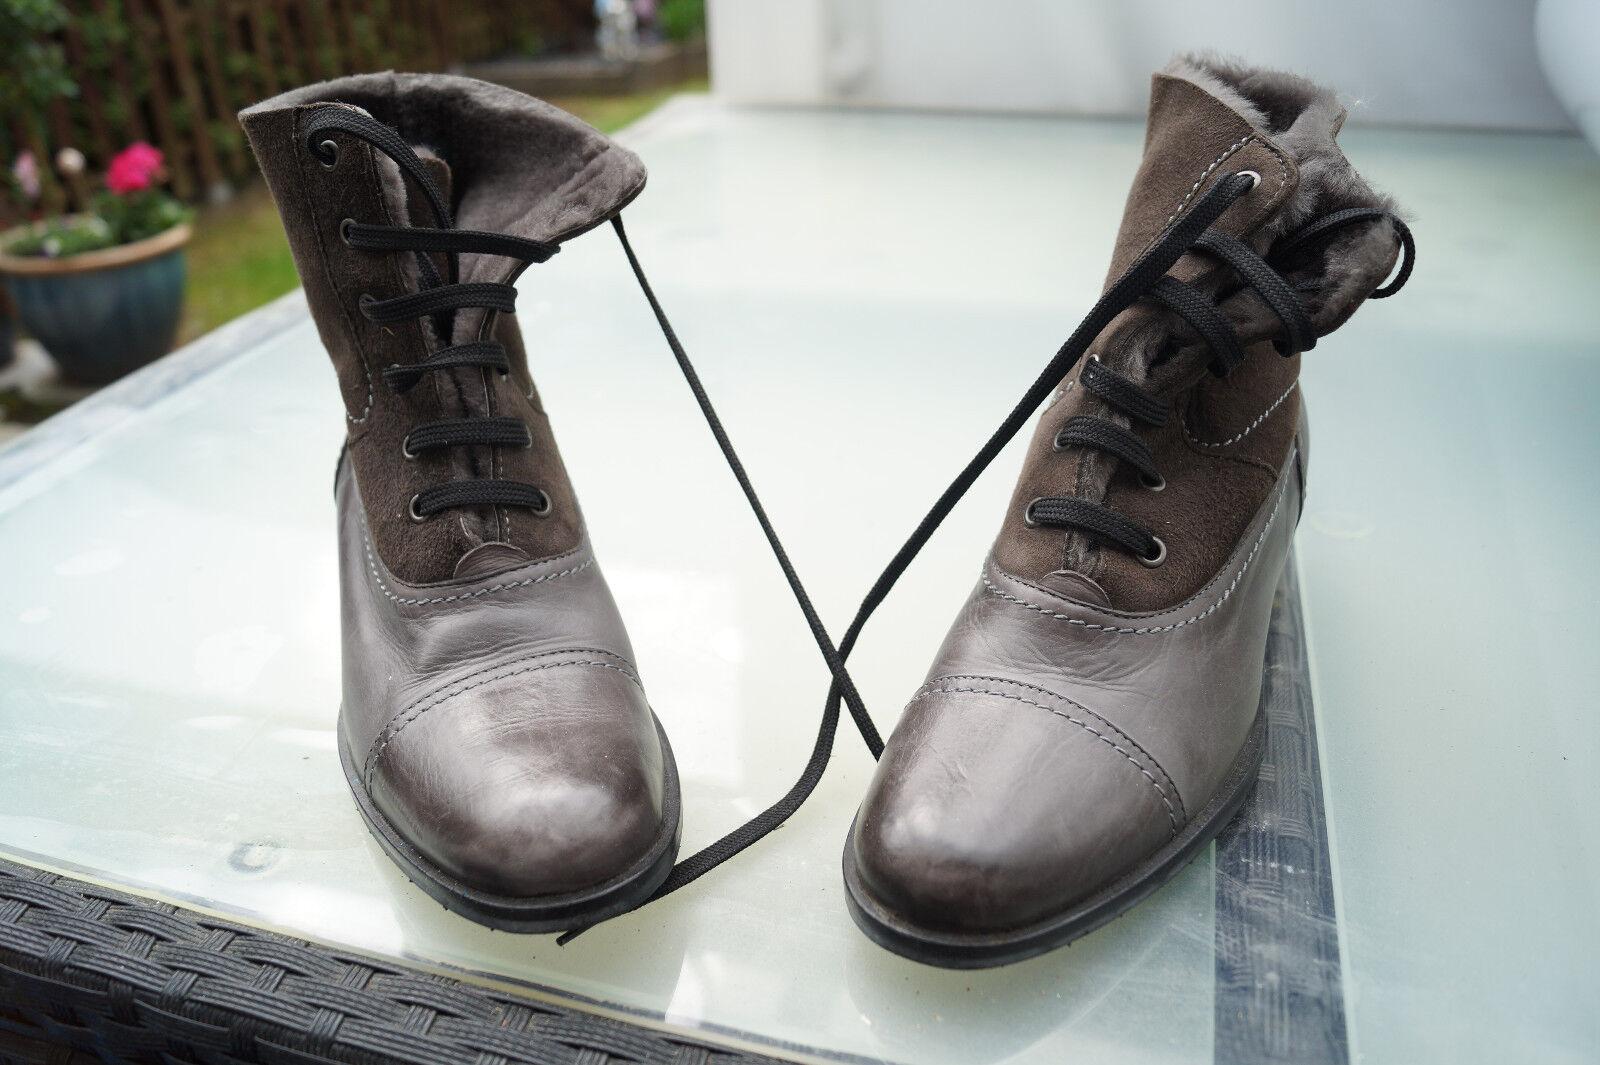 Maripe señora invierno zapatos botas botas botines forro talla talla talla 38 cuero Top  mejor calidad mejor precio